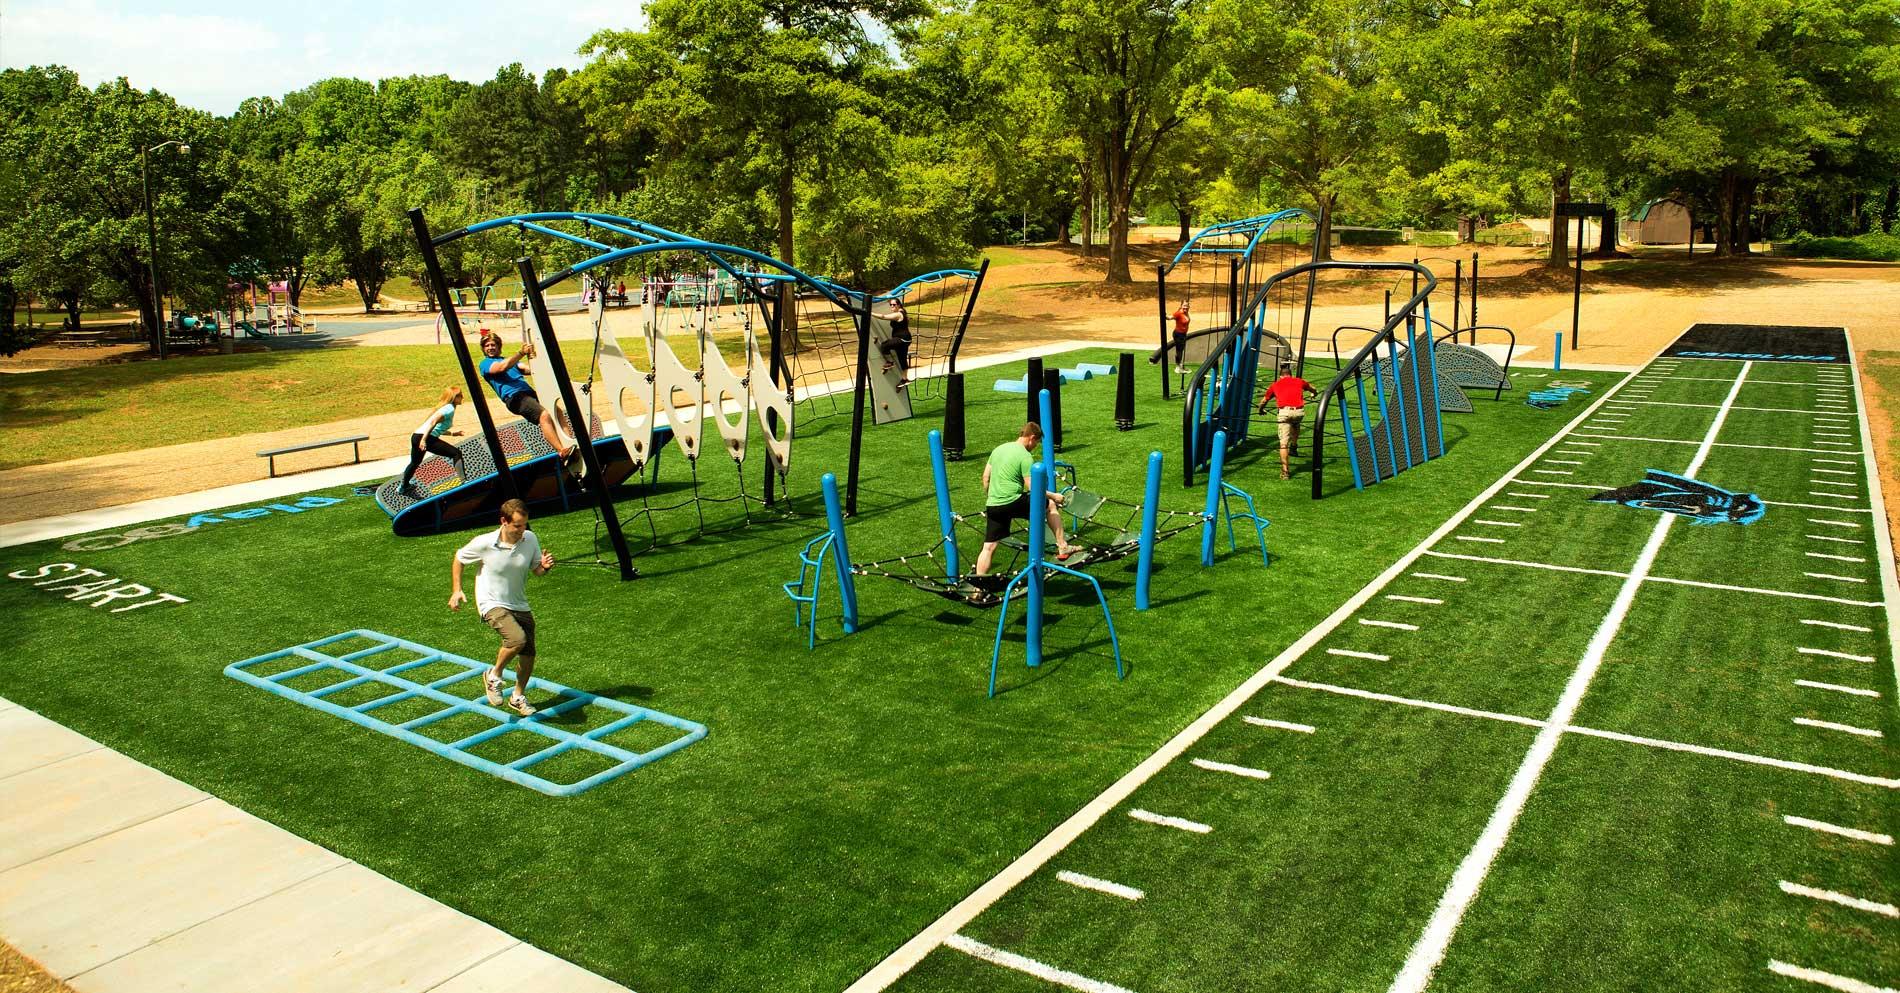 """Công viên rộng gần 6.000m2 ngay tại 9View Apartment được thiết kế thành 6 khu chức năng khác nhau mang đến sự tiện nghi và giúp cư dân """"sống khỏe, sống xanh"""""""